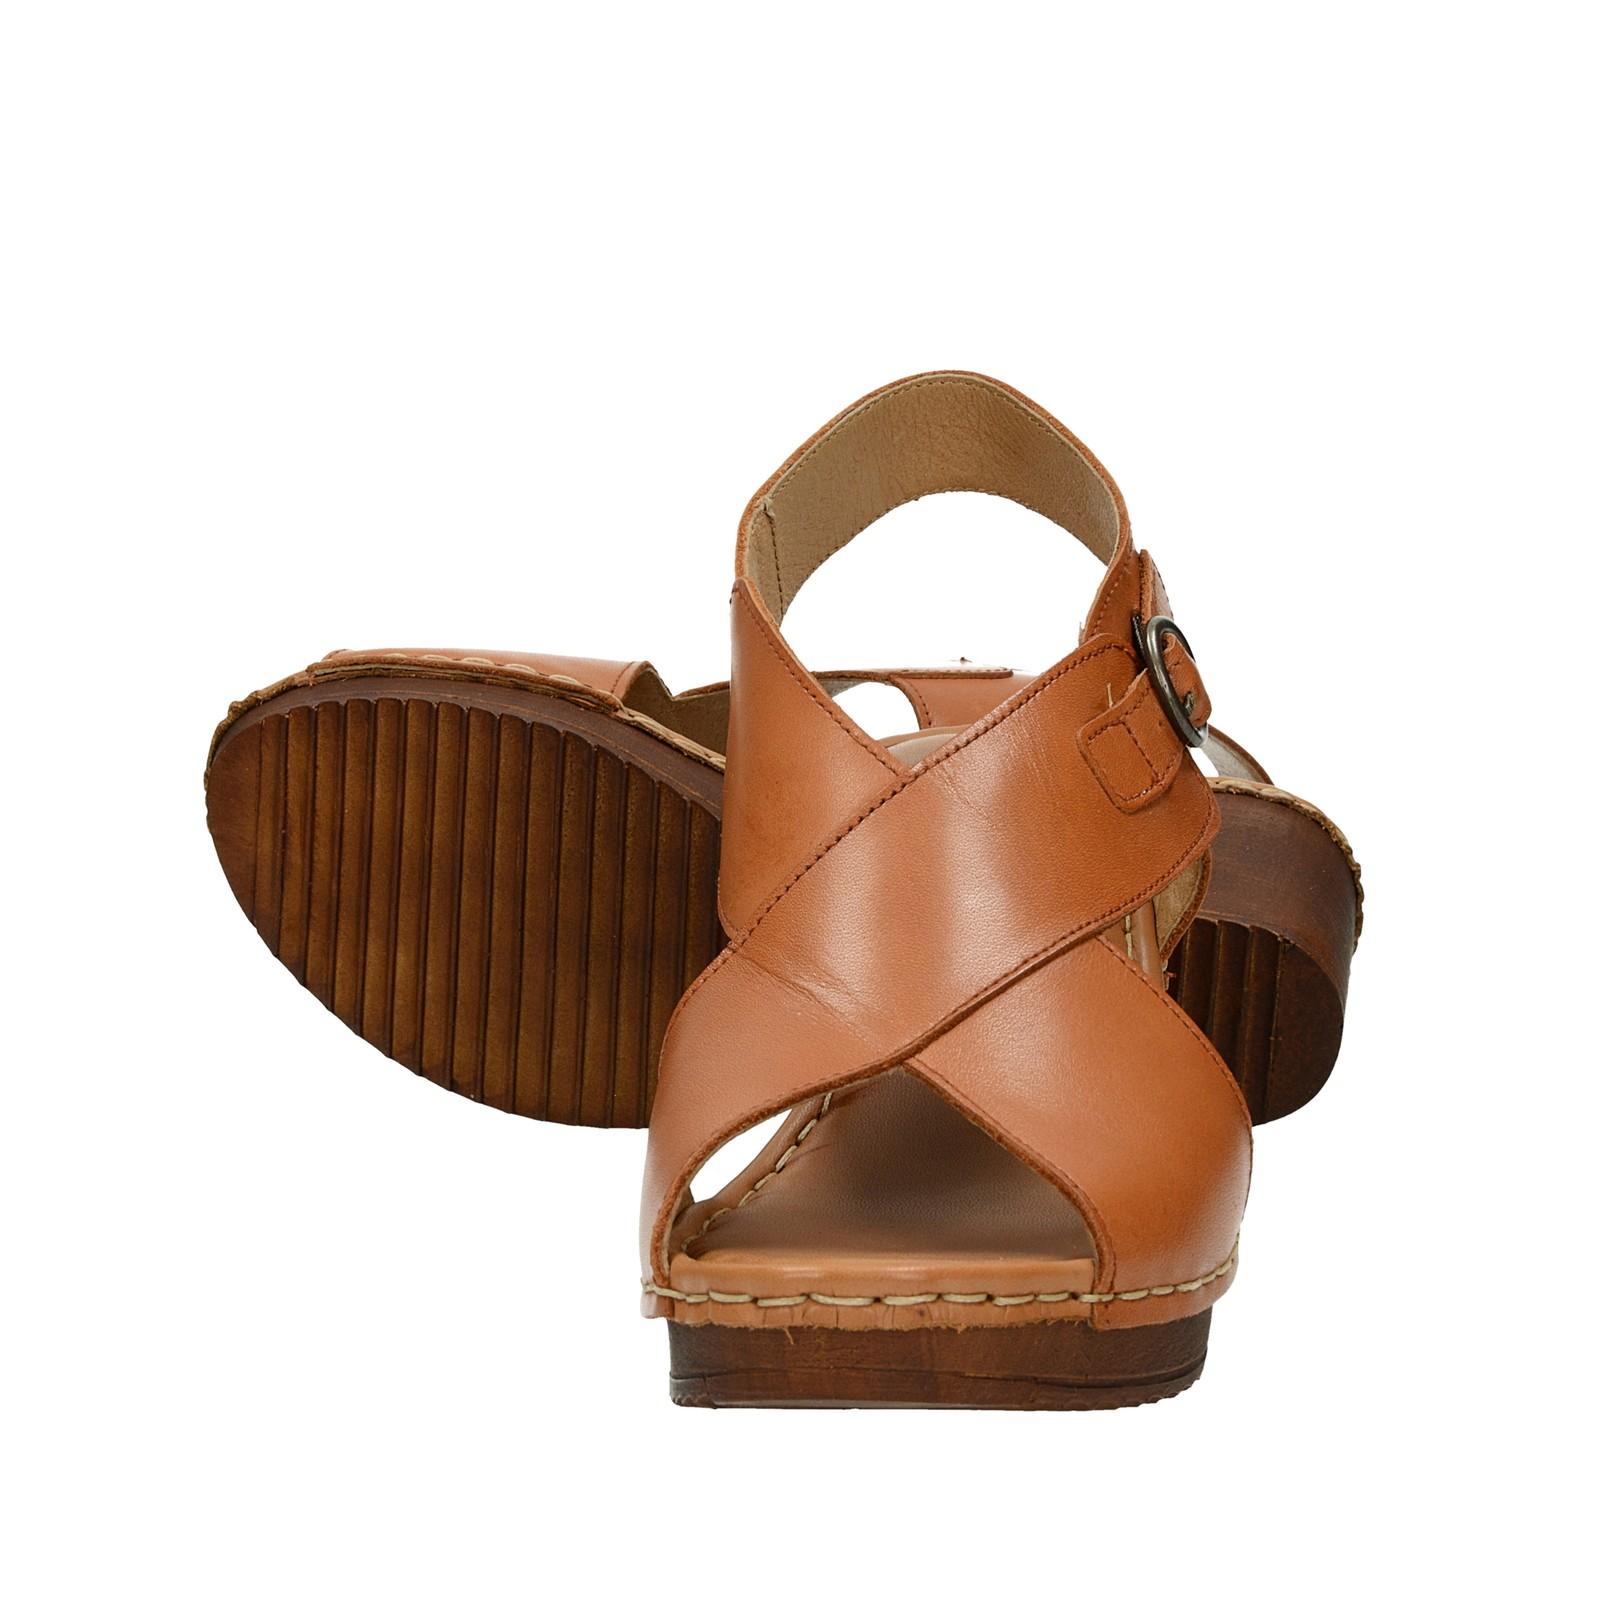 Ten Points dámske kožené sandále na podpätku - koňakové